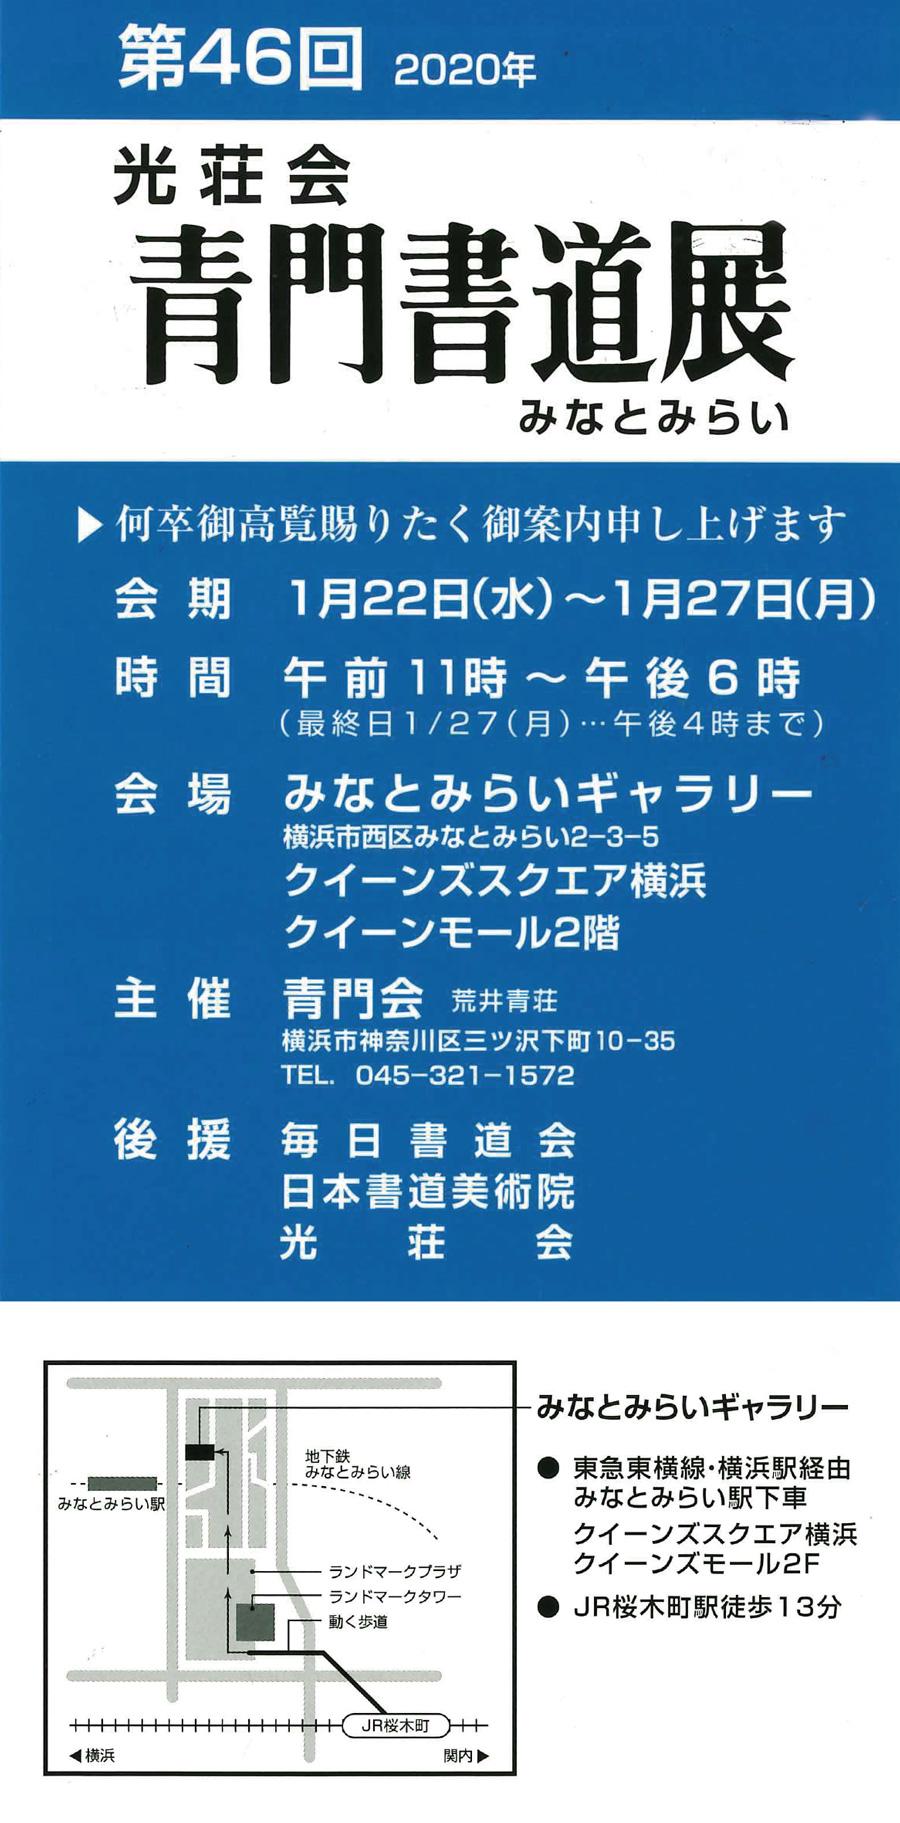 1210seimon_b.jpg (900×1823)